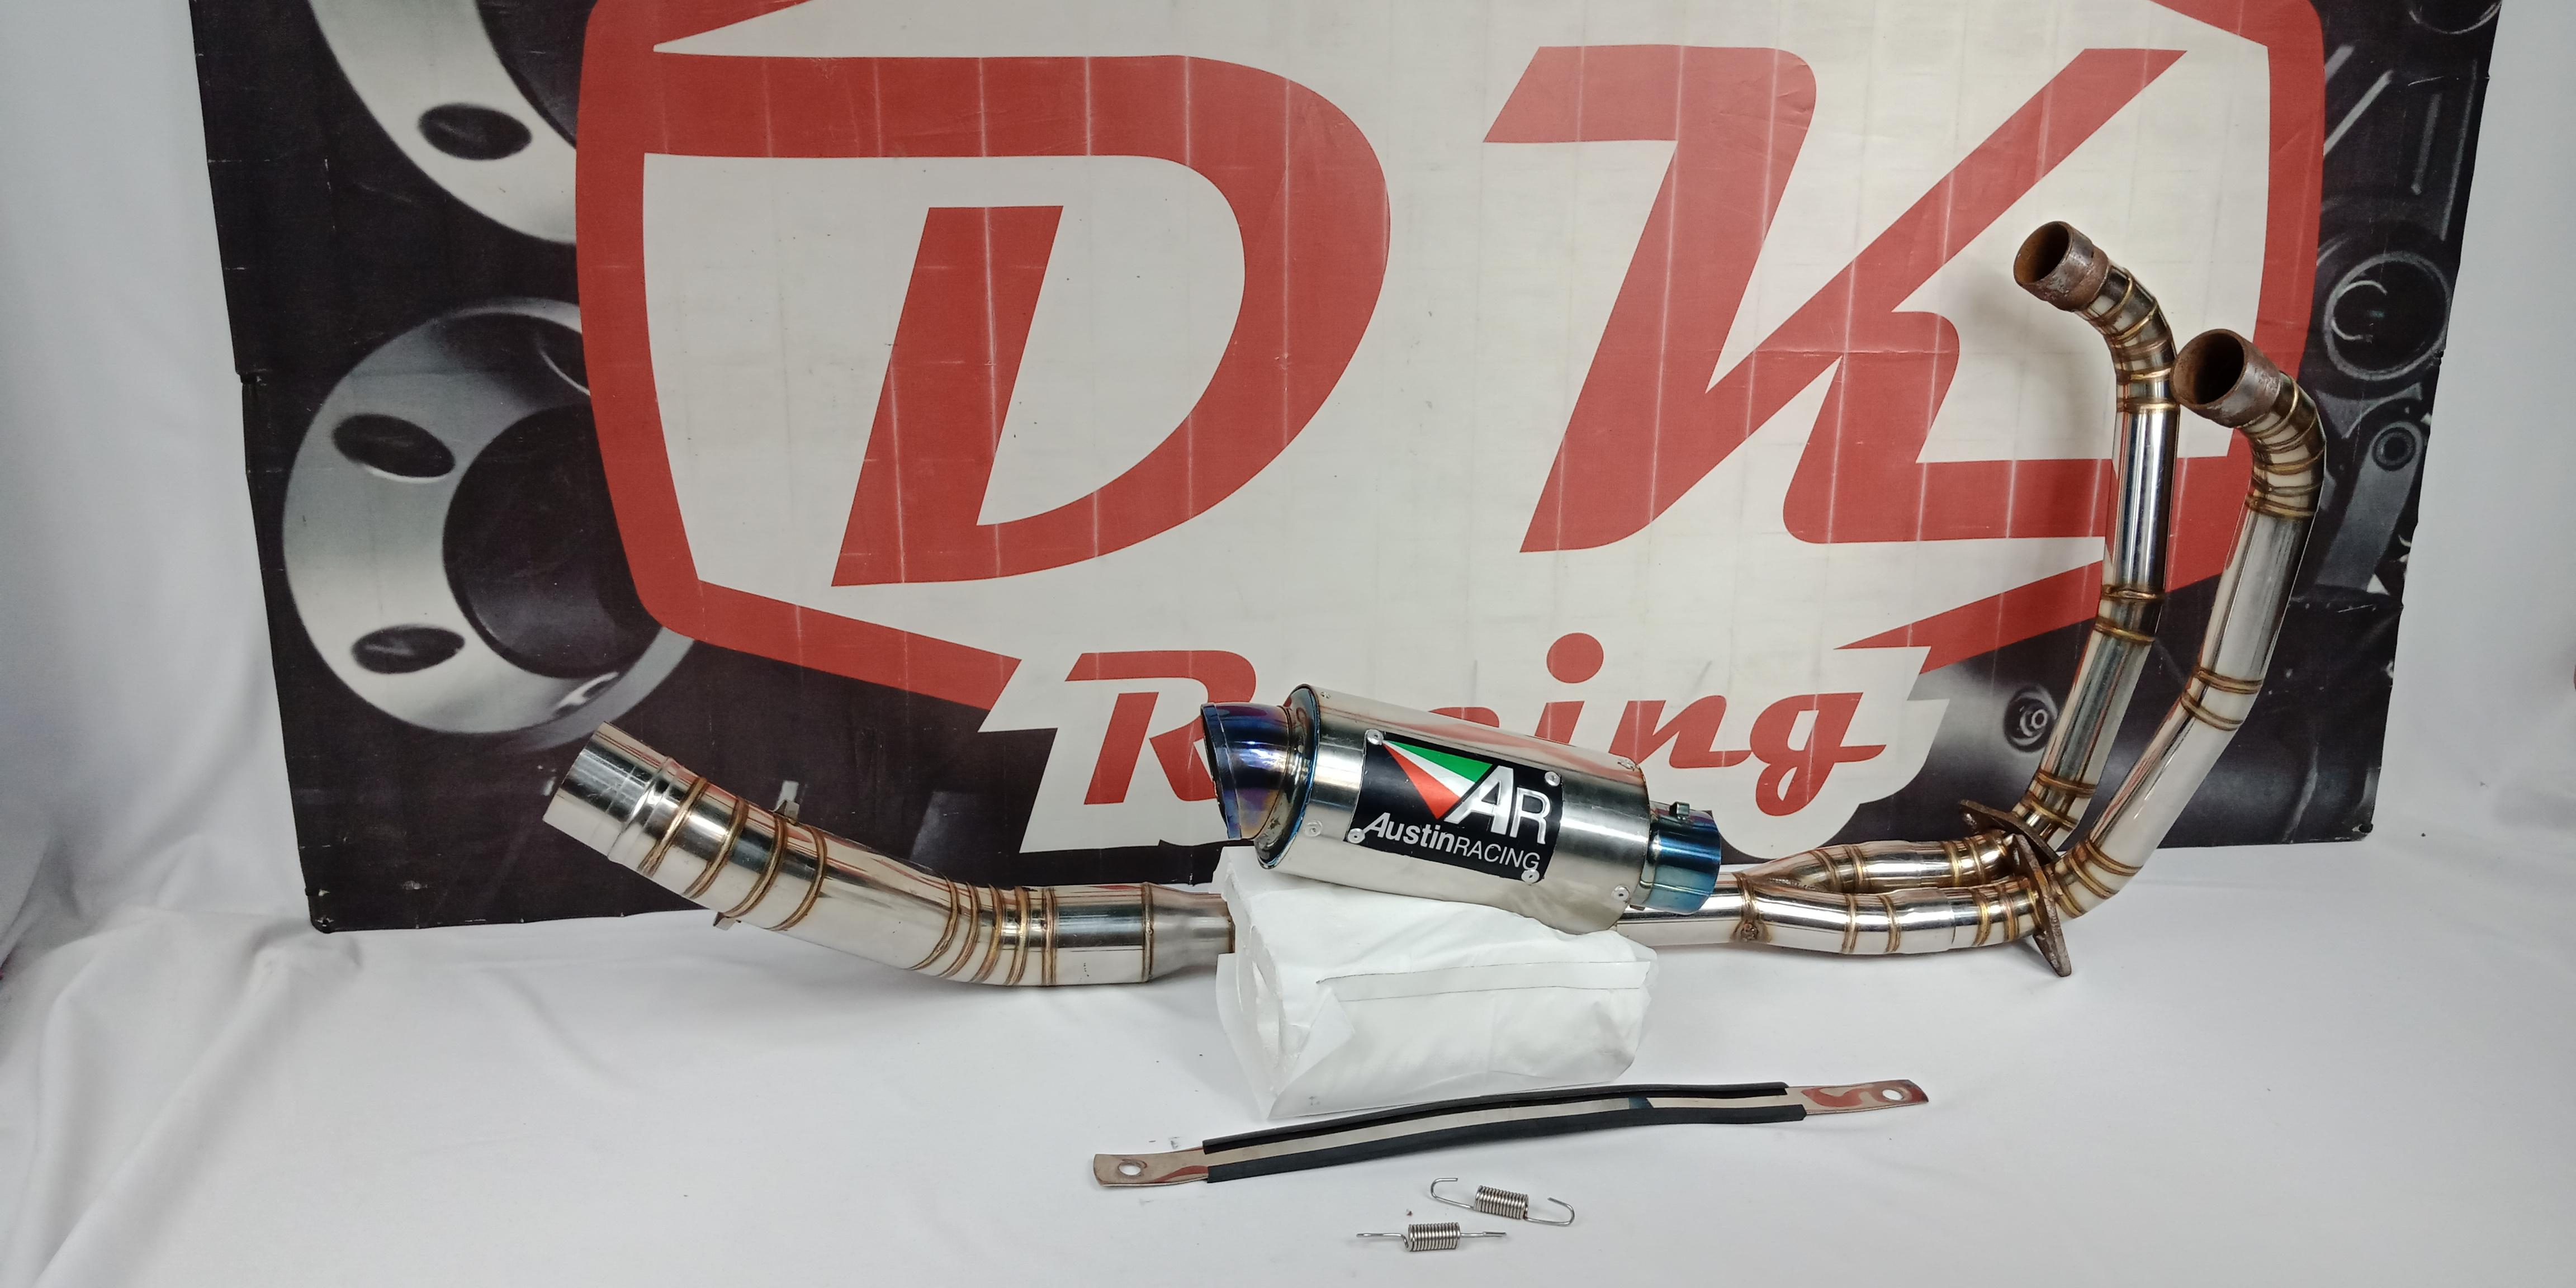 Knalpot Racing Kawasaki Z250 Austin Racing Halfblue By Dk Racing Bekasi.